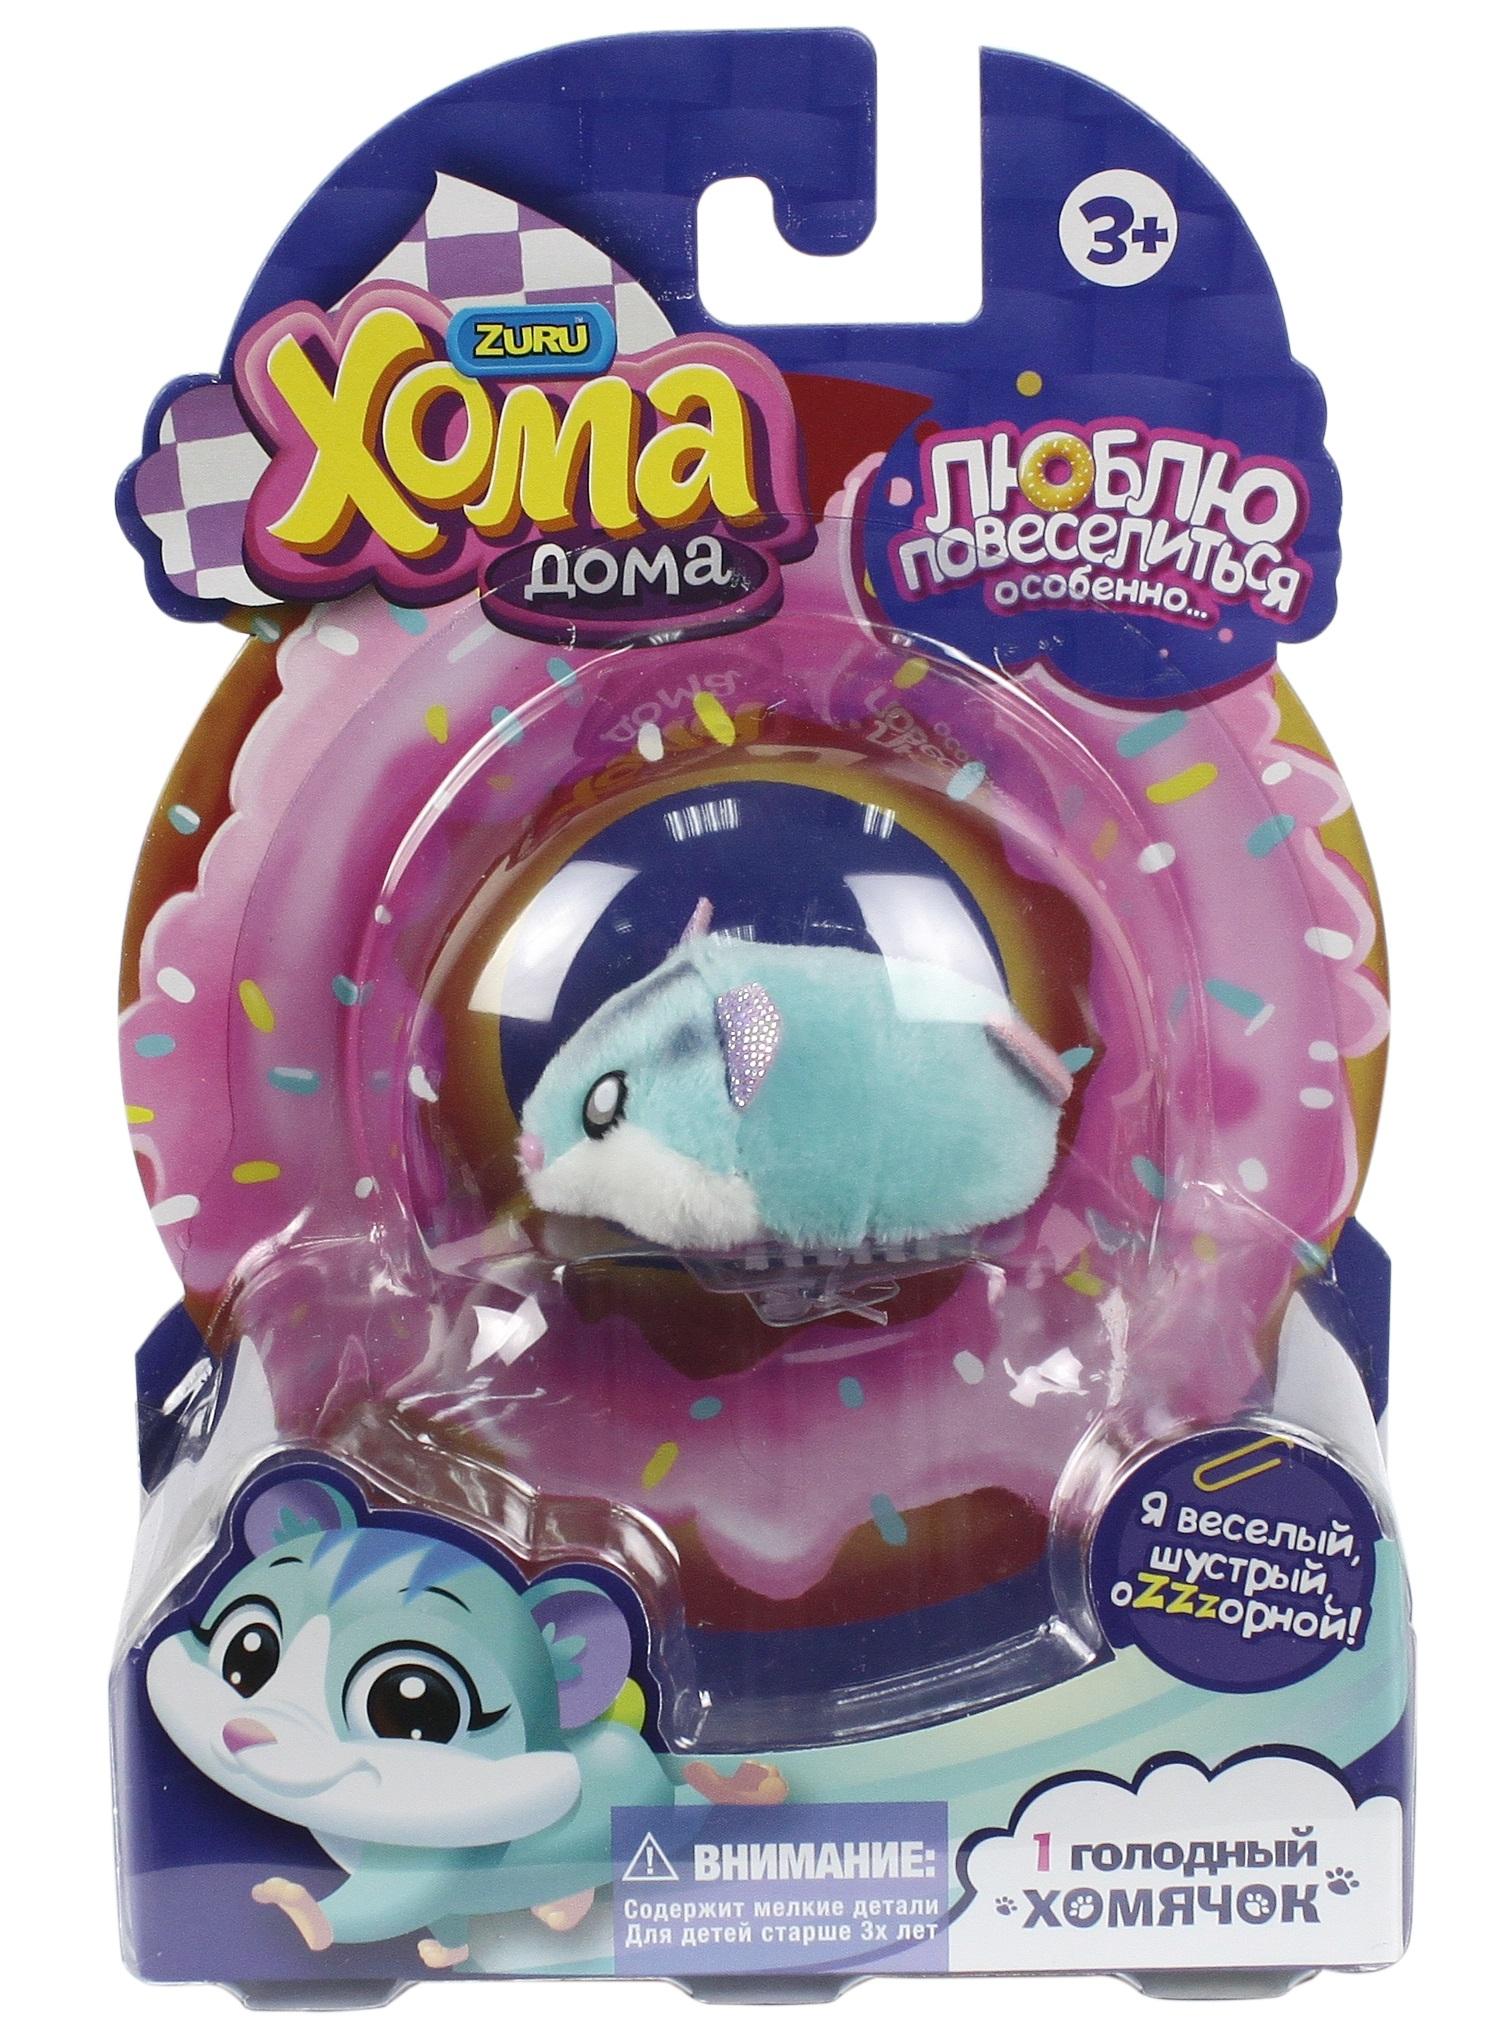 Фото - Интерактивная игрушка 1toy Хомячок голубой интерактивные животные 1toy хомячок 1toy хома дома коричневый